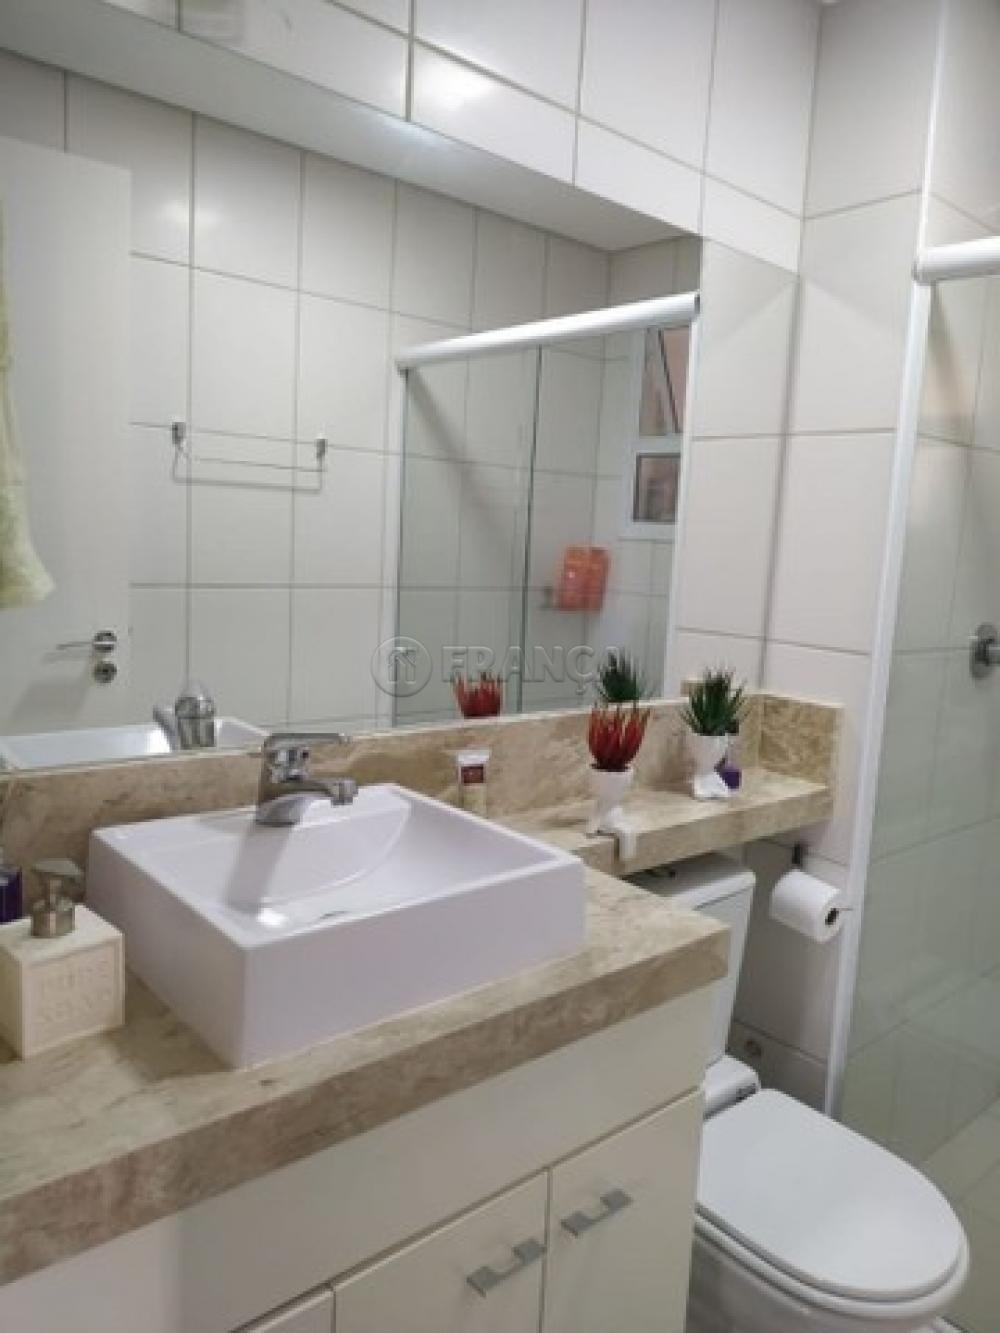 Comprar Apartamento / Padrão em São José dos Campos R$ 546.000,00 - Foto 6